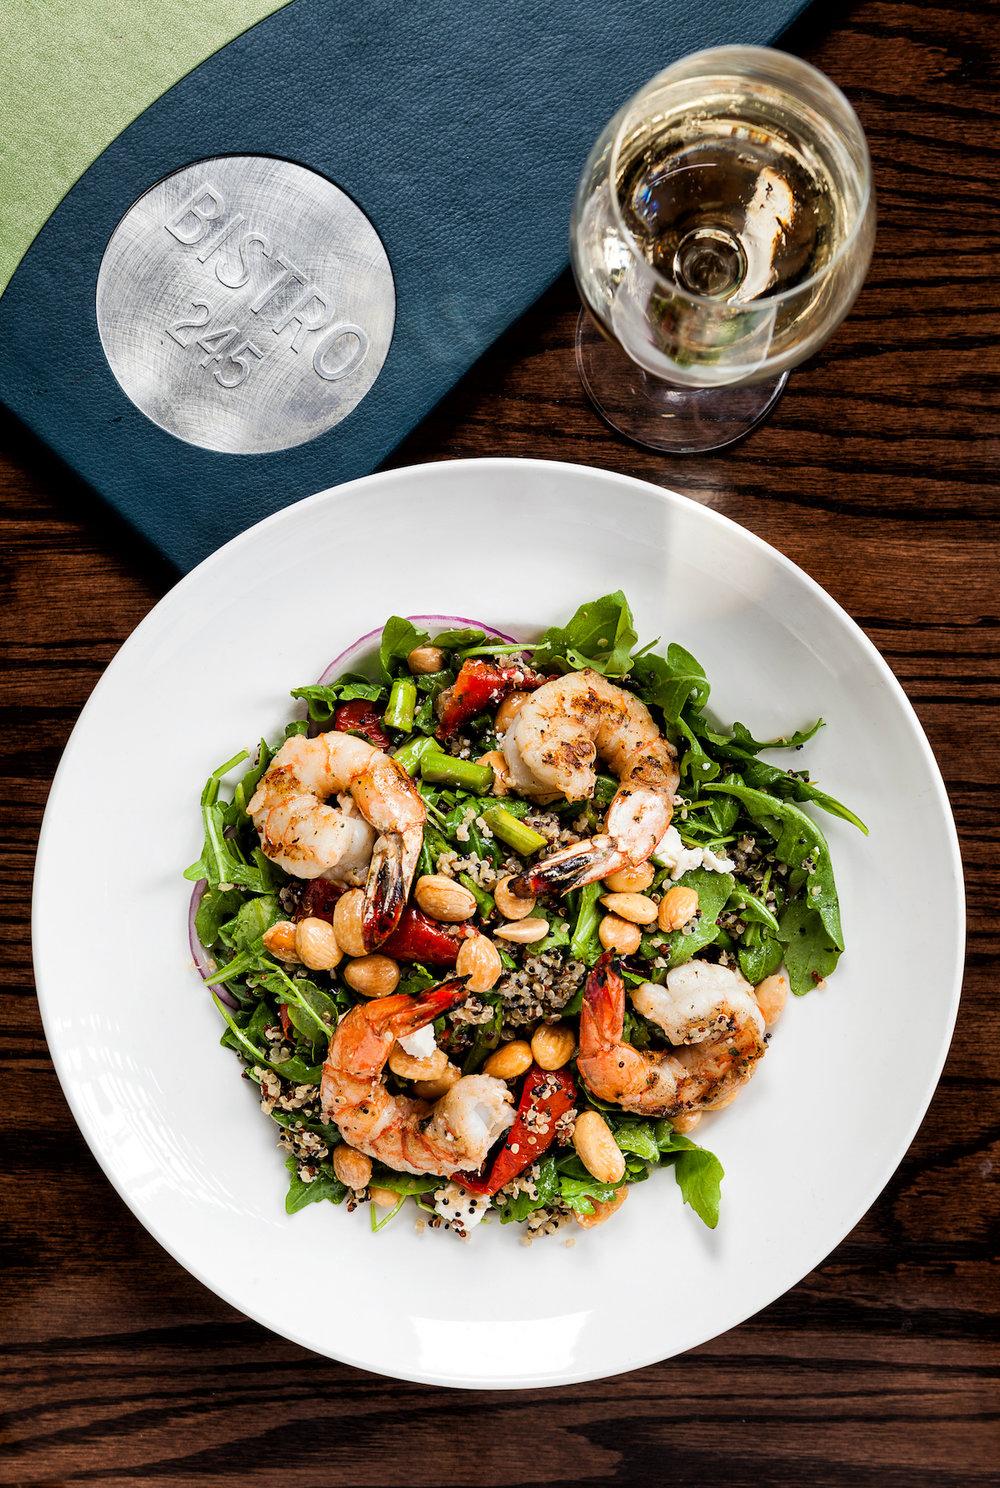 shrimp salad and wine at bistro 245 at margaritaville key west resort & marina.jpg